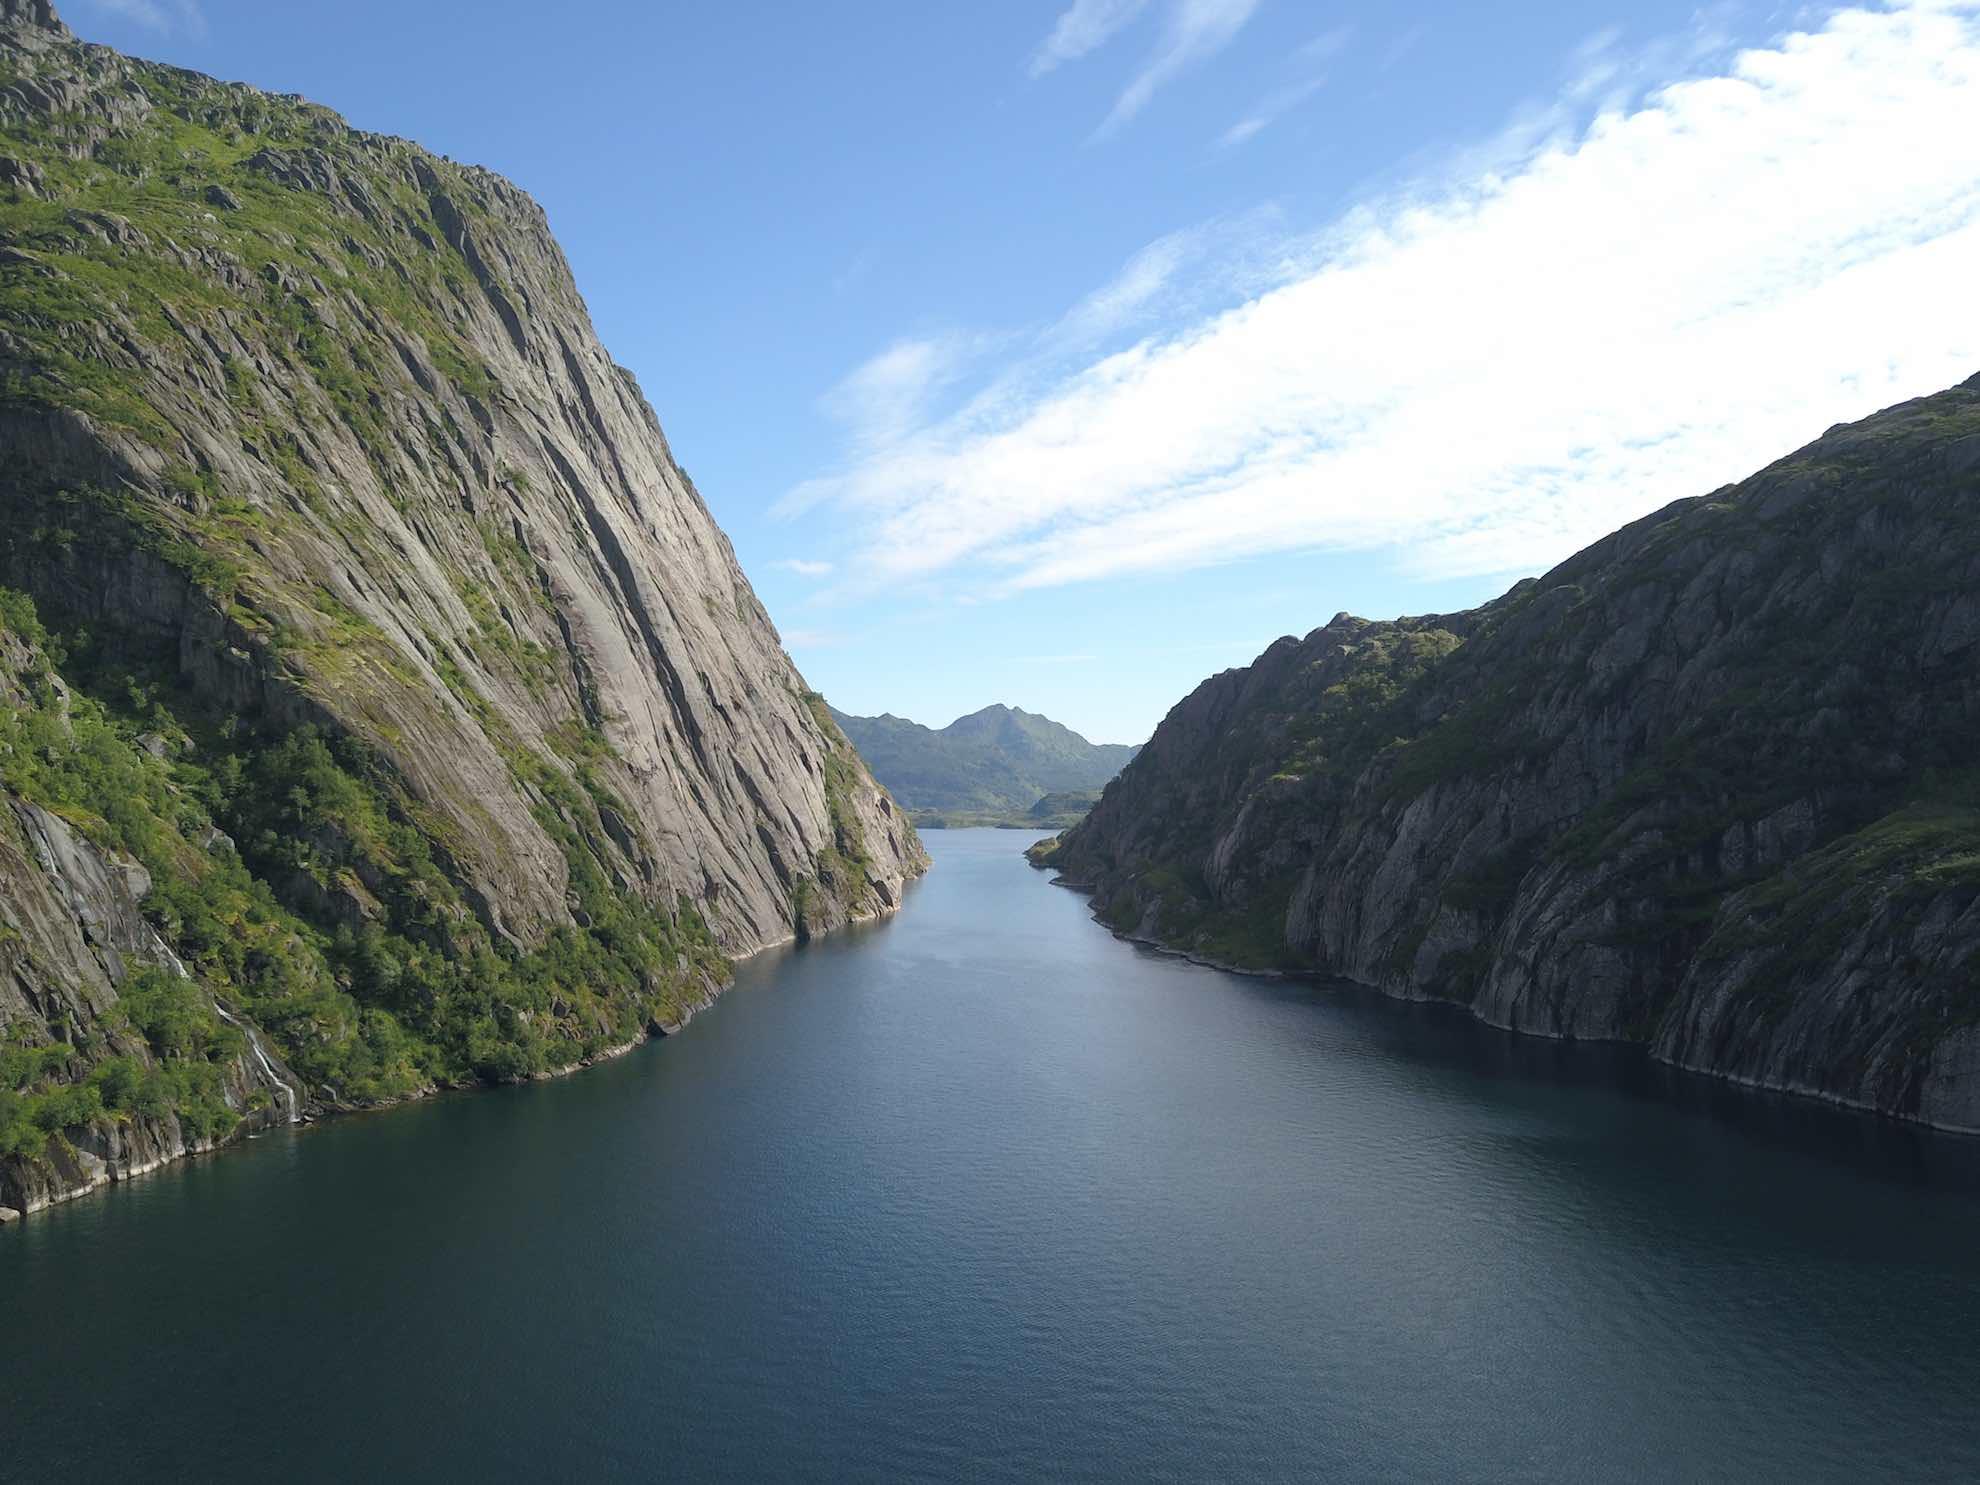 ... ist das Manöver für die zahlreichen Kreuzfahrtschiffe, die bis ans Ende des mitunter nur 100 Meter breiten Fjordes fahren, jedes Mal Millimeterarbeit.